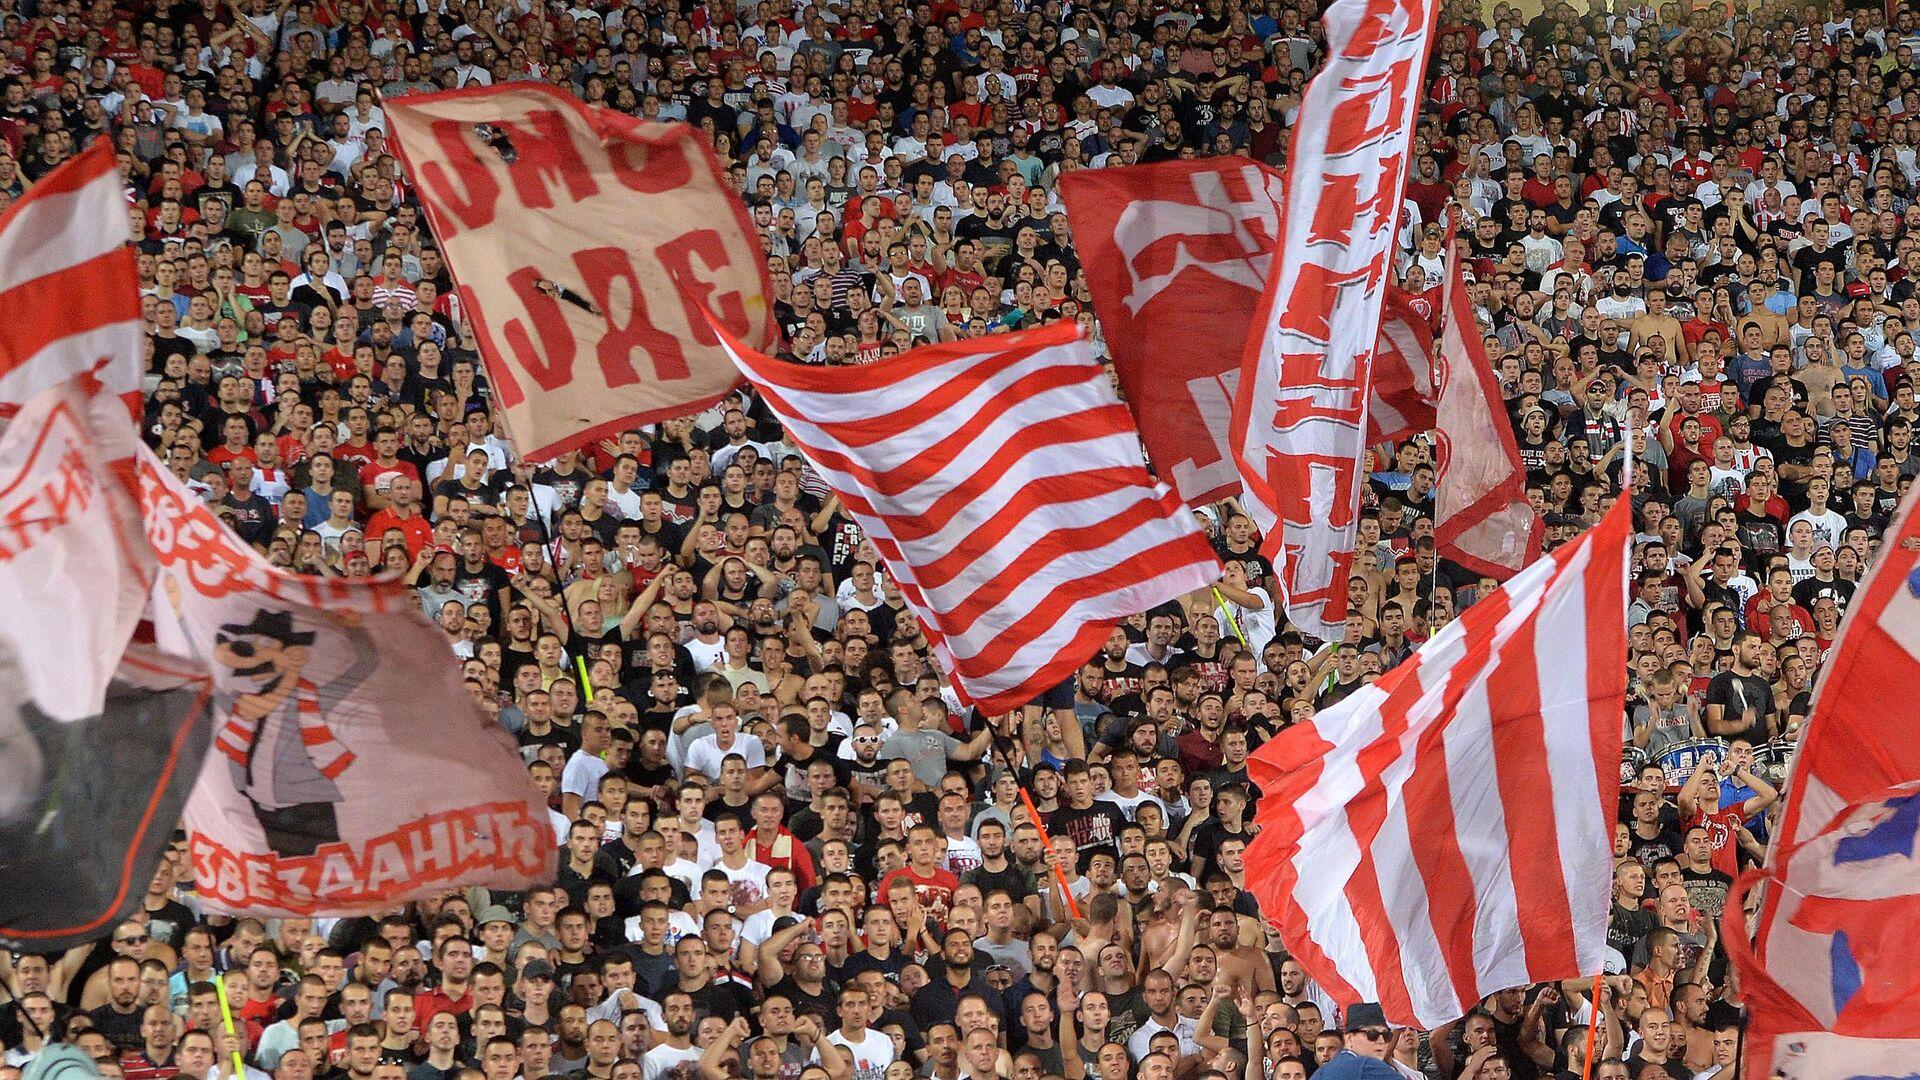 Навијачи на утакмици Лиге шампиона између Црвене звезде и Наполија - Sputnik Србија, 1920, 13.10.2021